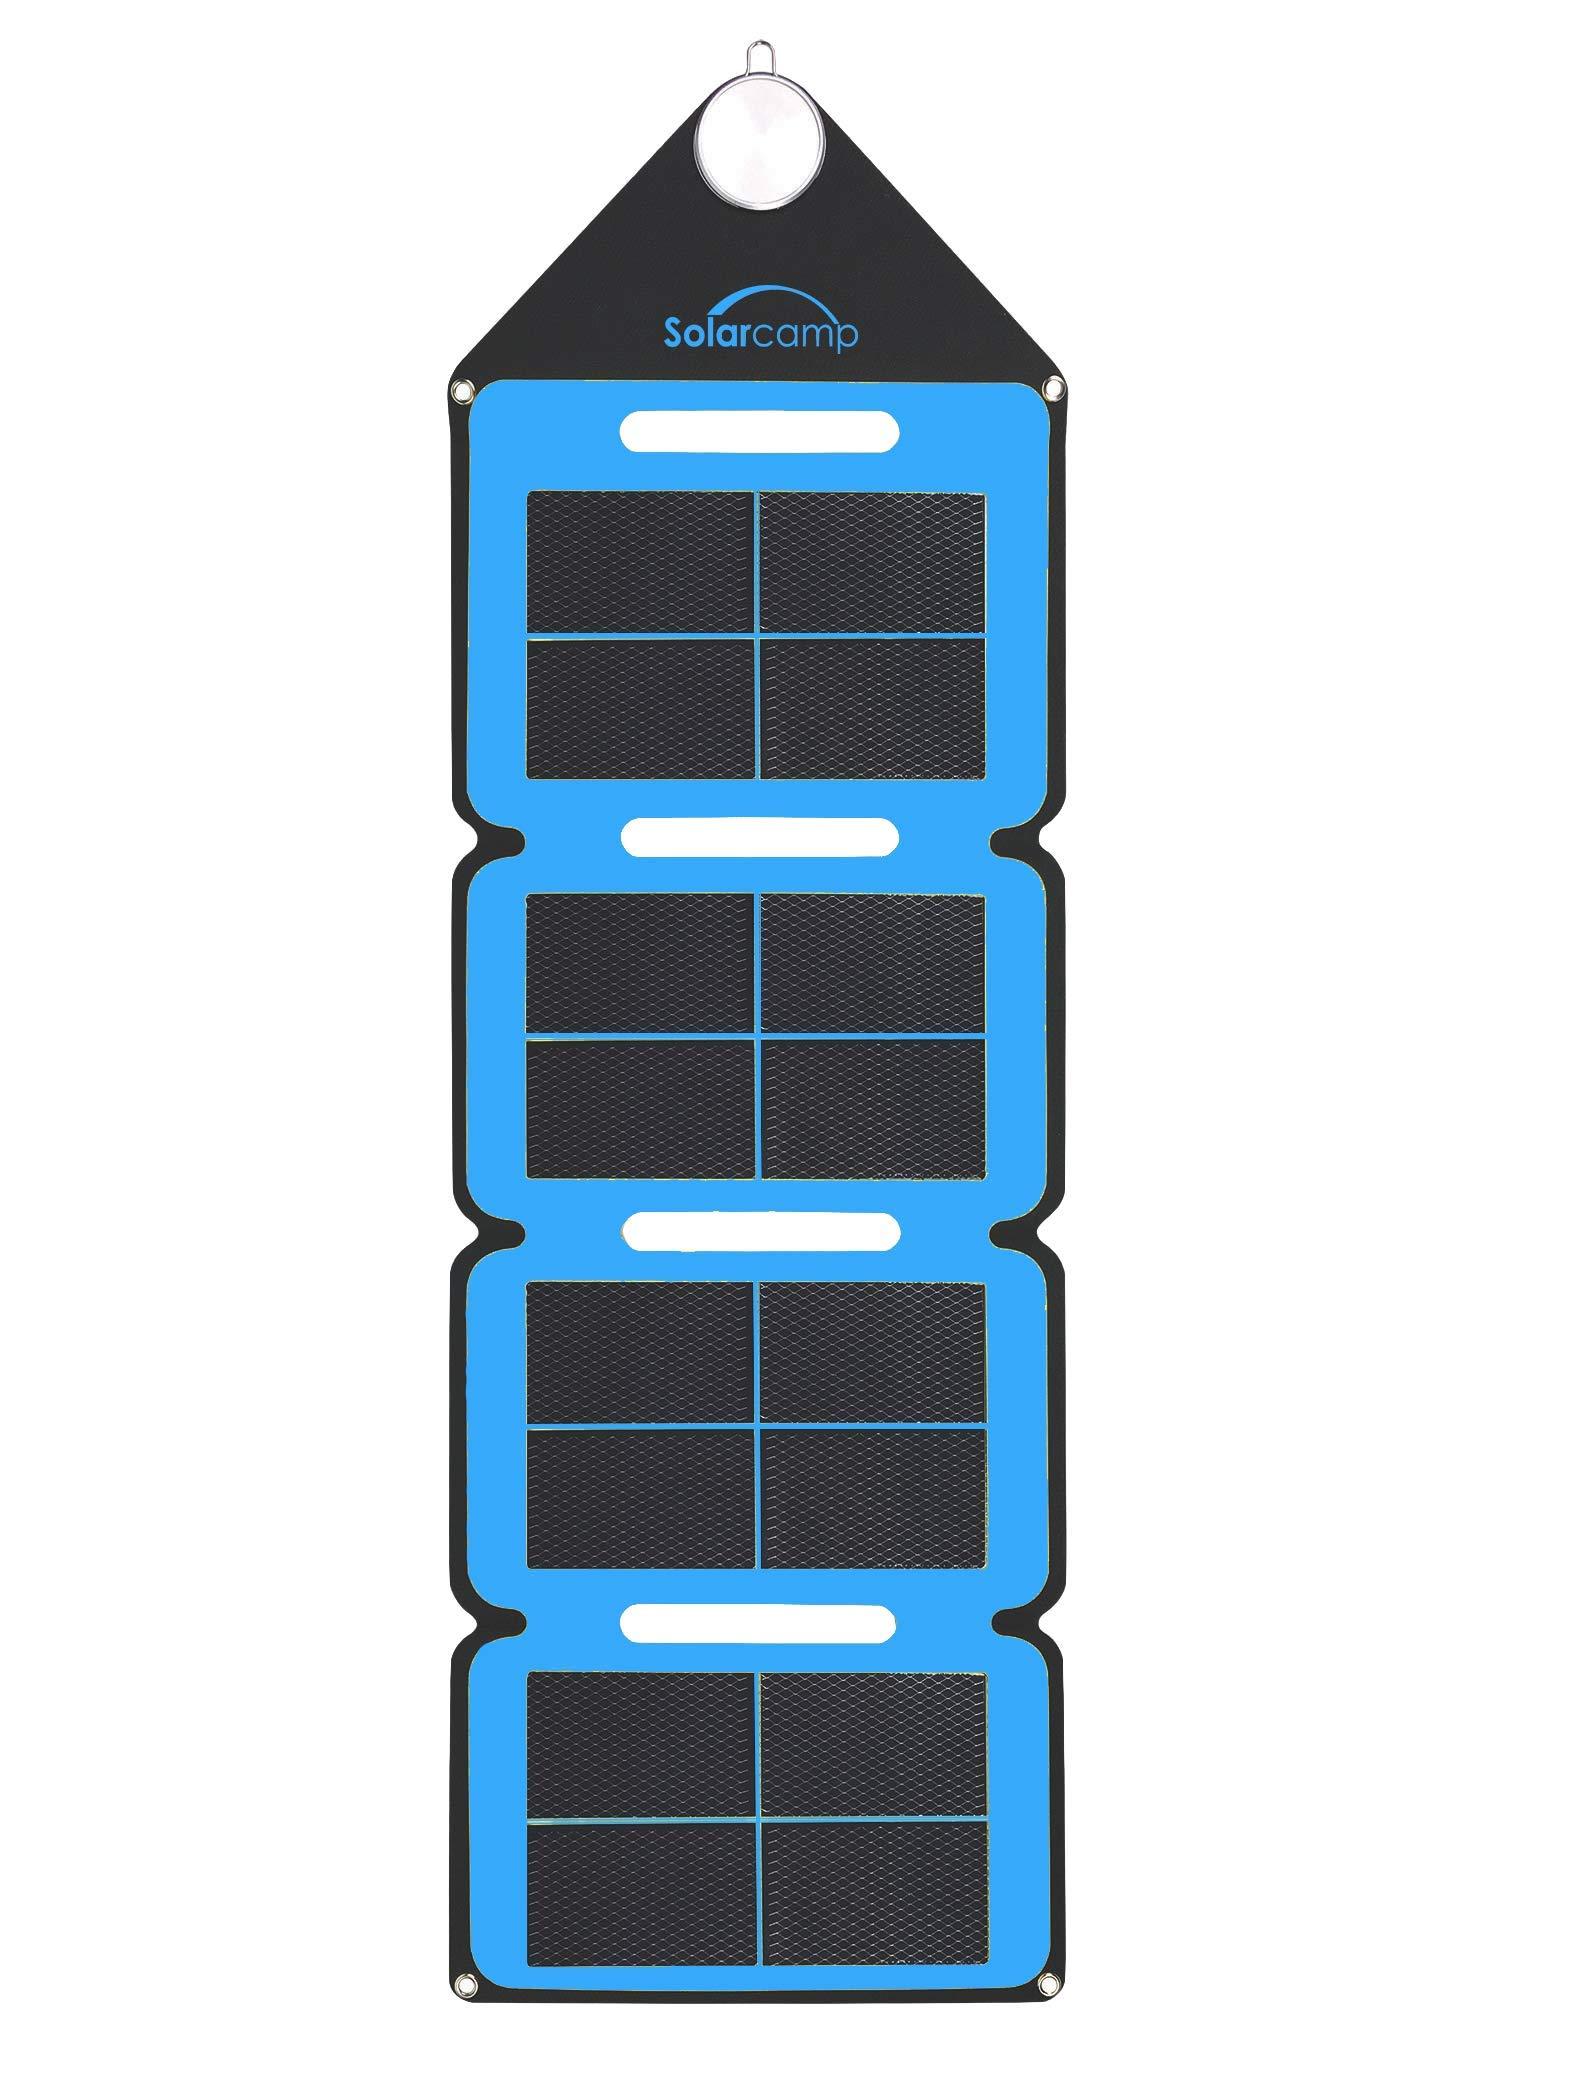 Cargador Solar Portatil de 7.6 Watts de Salida SOLAR CAMP Az